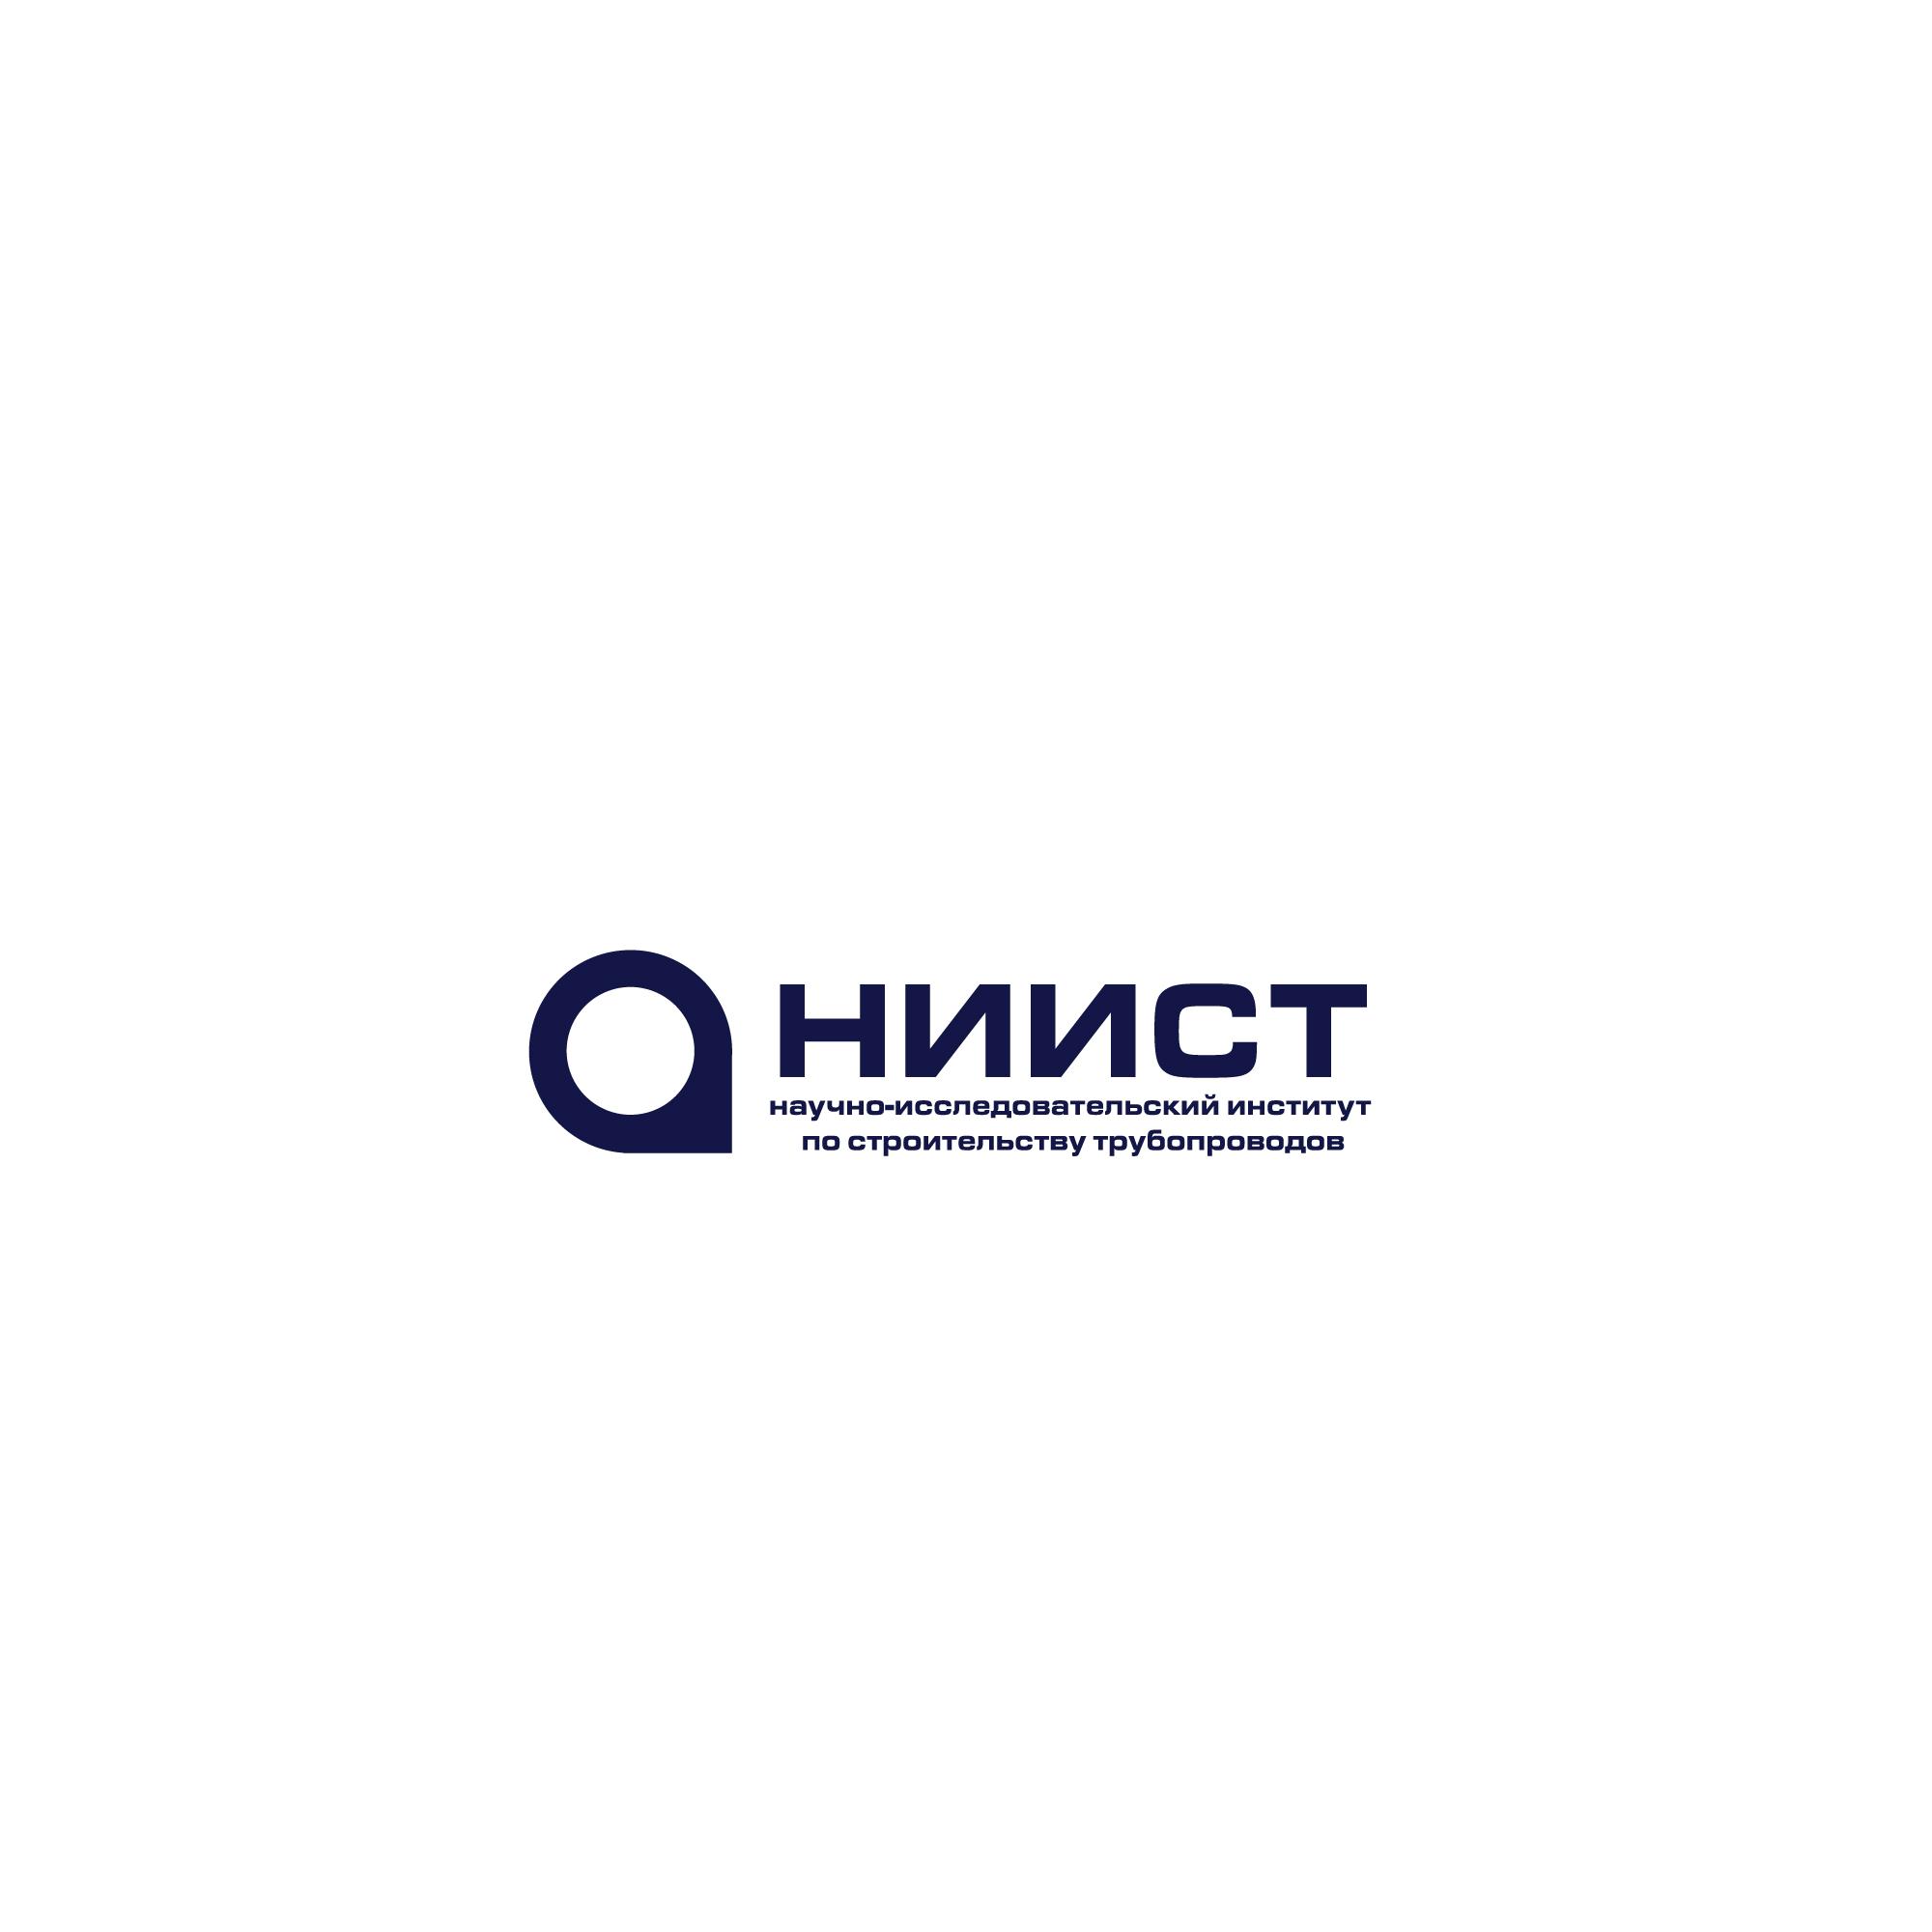 Разработка логотипа фото f_6455ba020f22c249.jpg